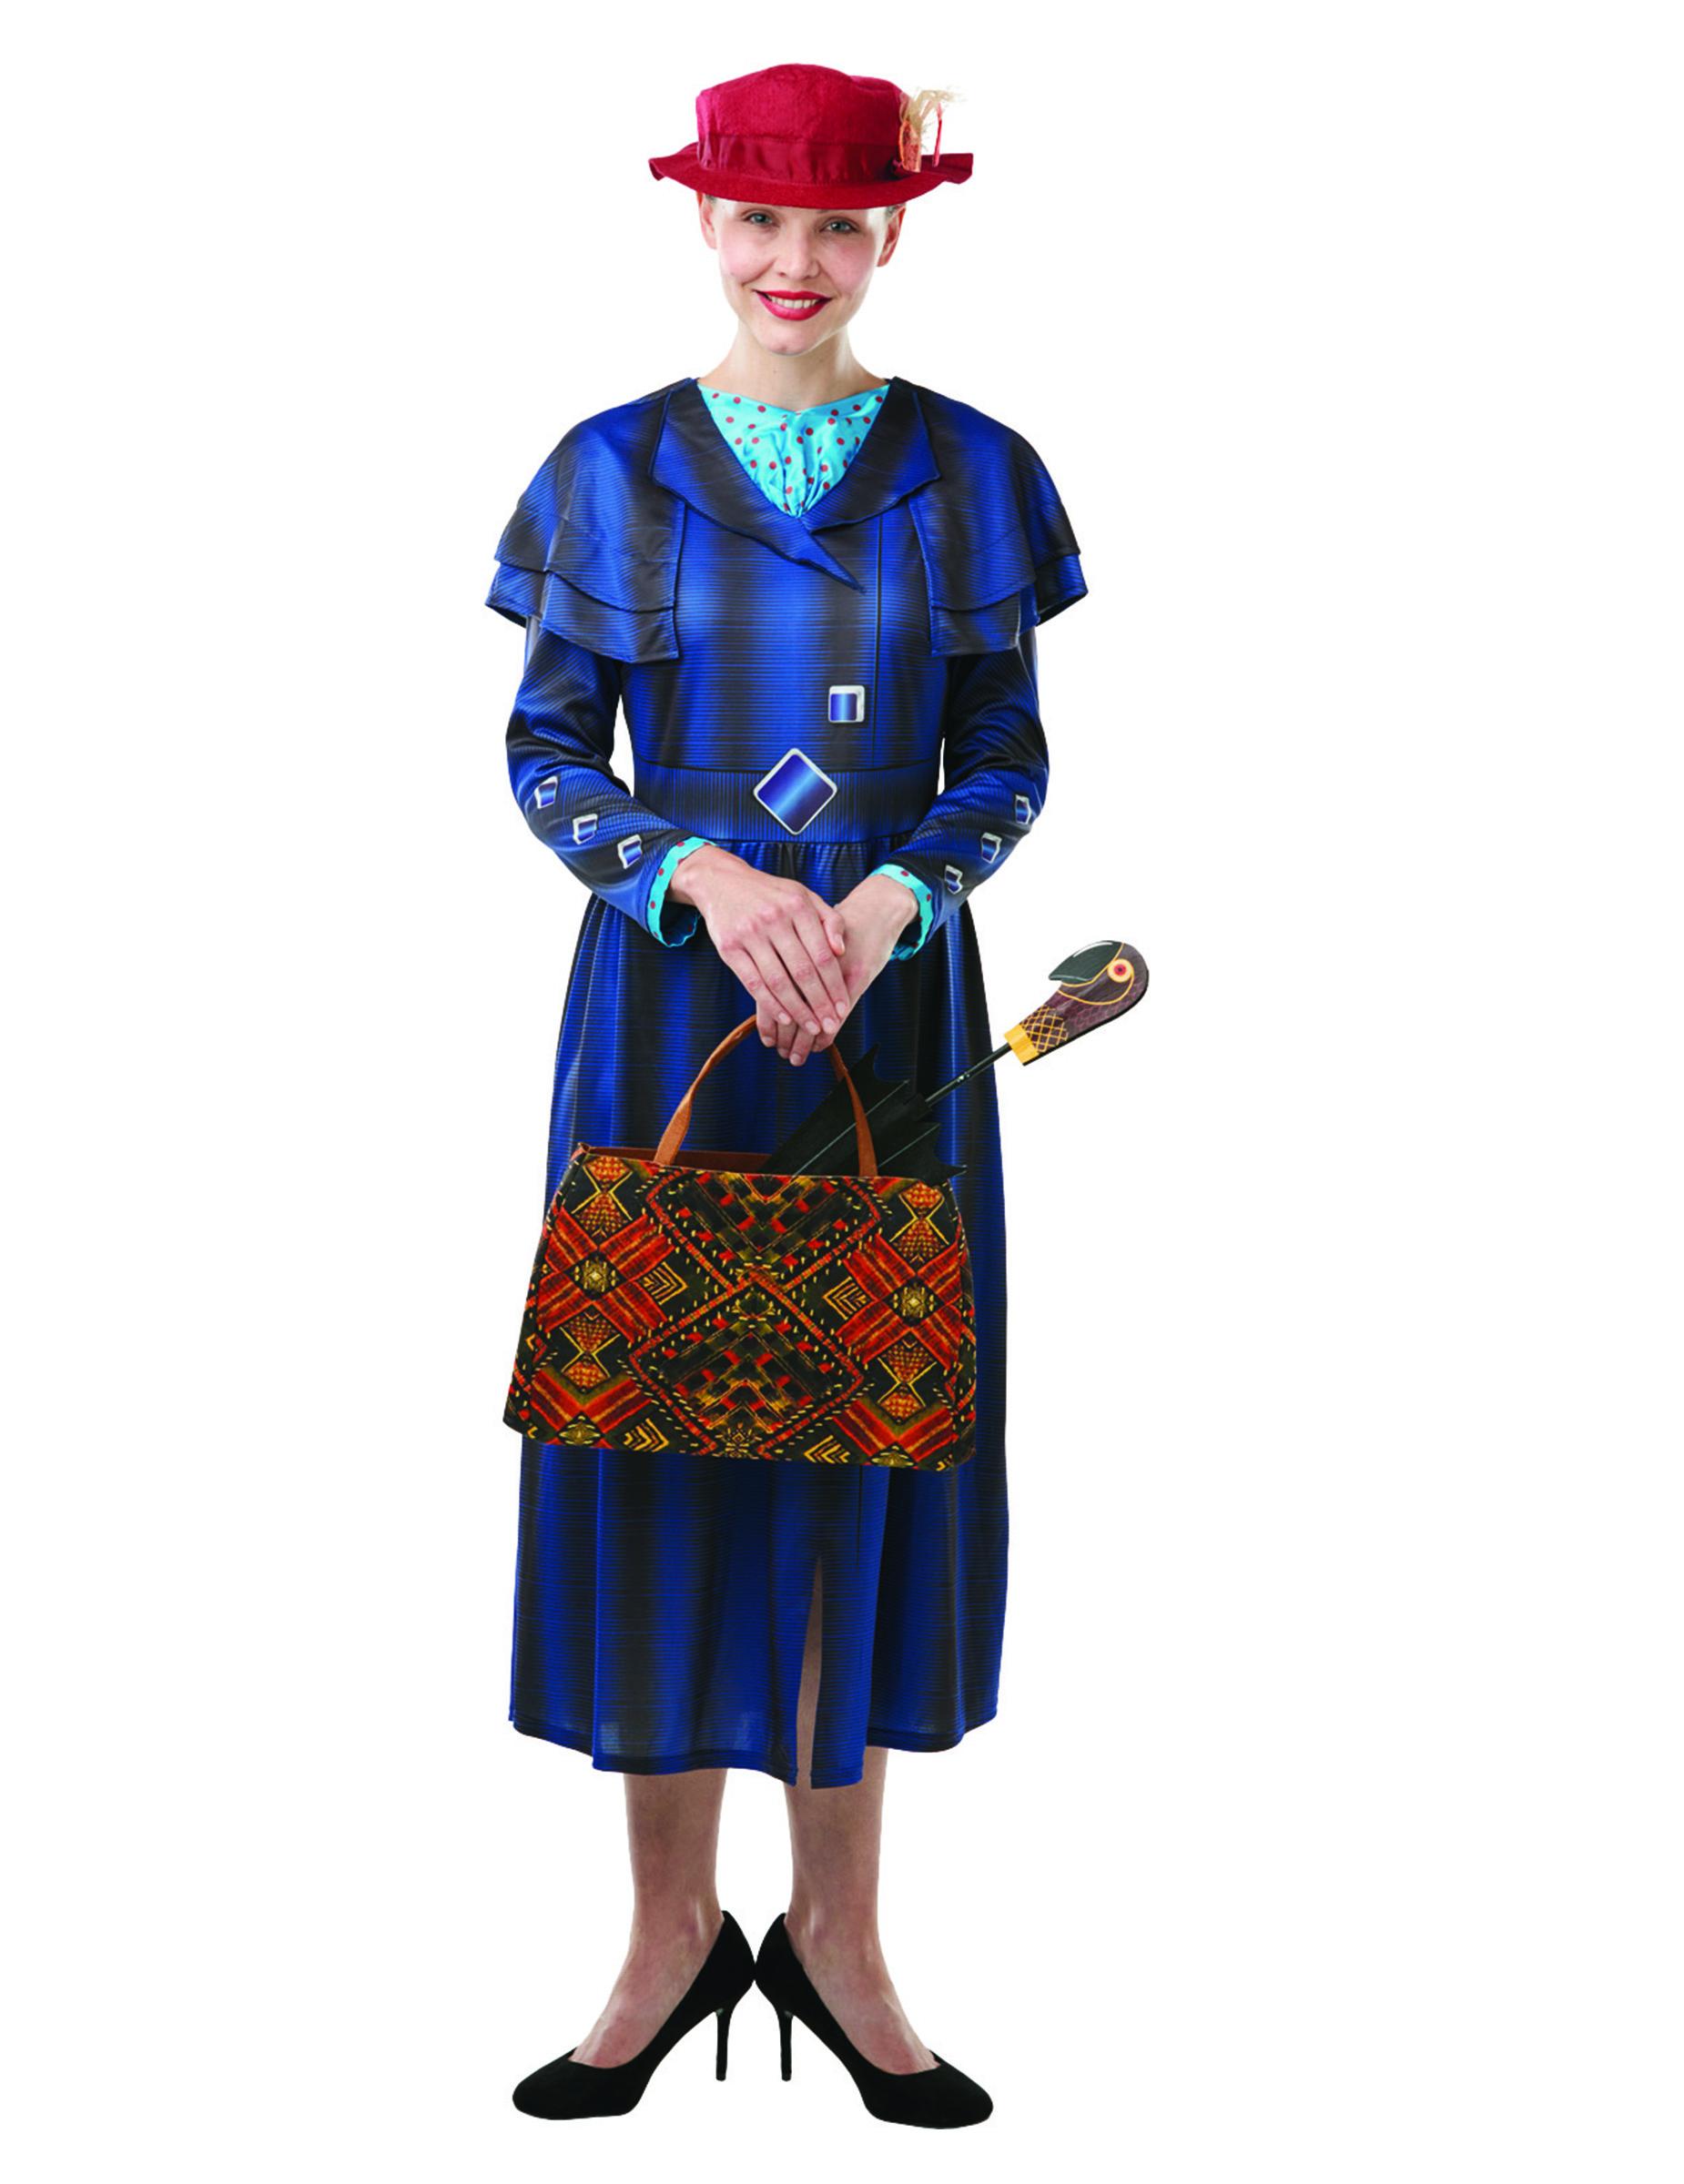 ultimo prese di fabbrica prezzi incredibili Costume Mary Poppins™ per donna: Costumi adulti,e vestiti di ...